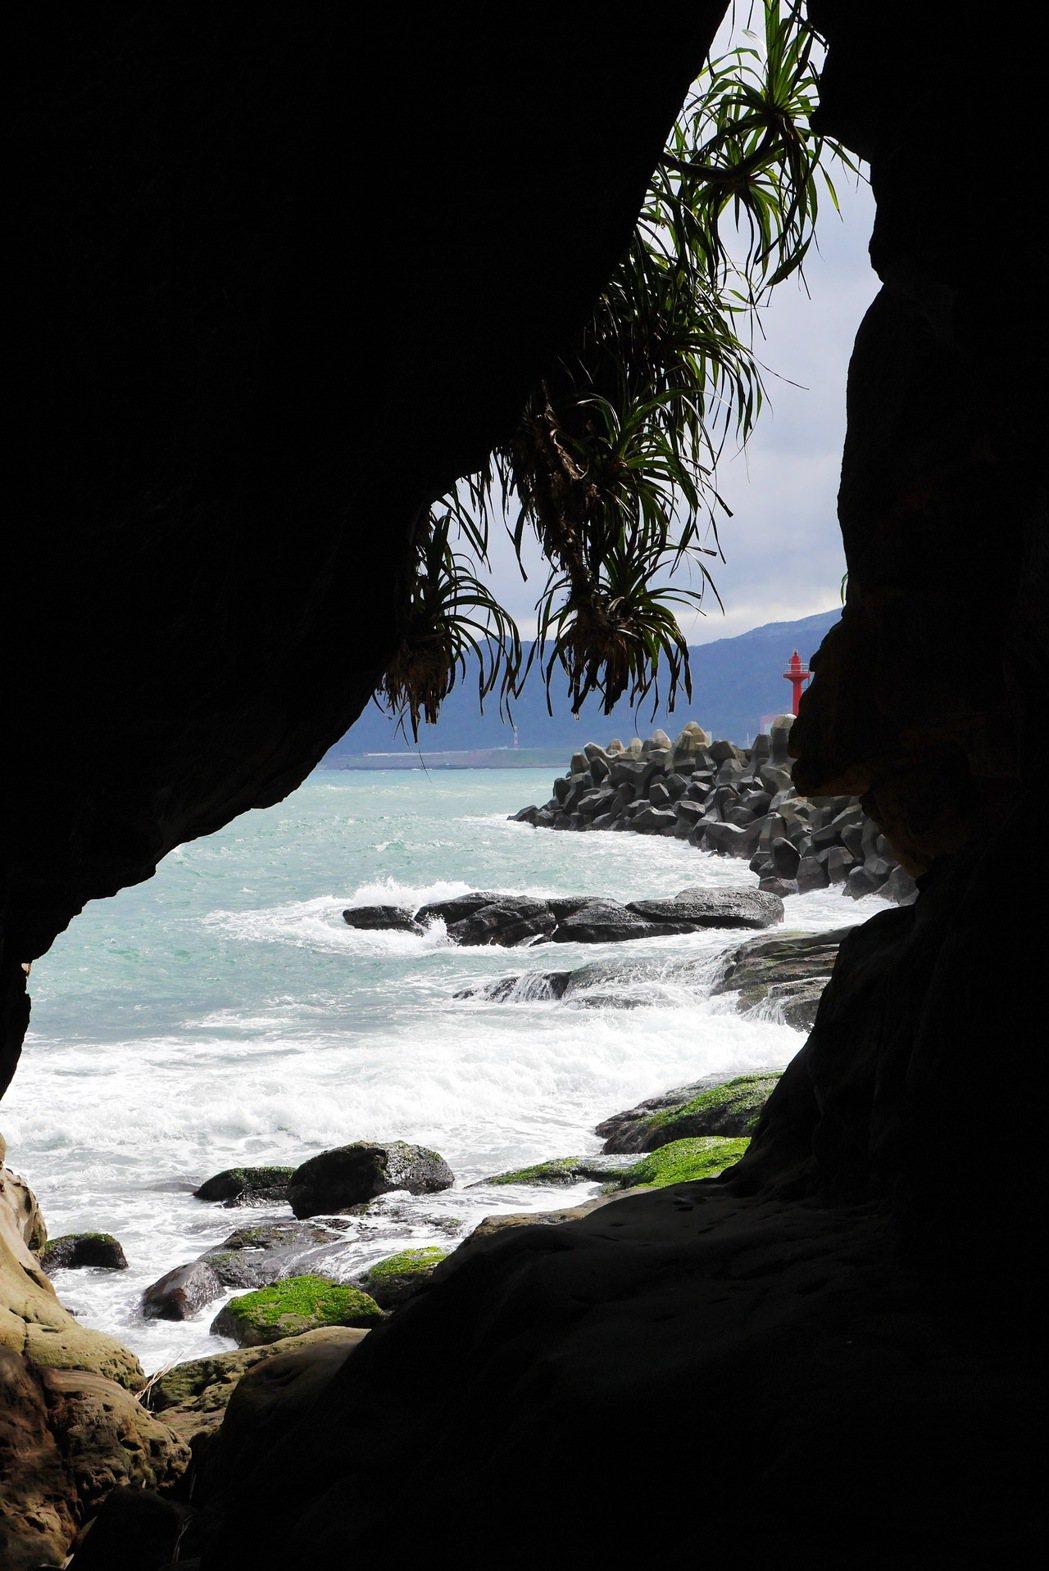 過一線天海蝕洞,即可看到神秘海岸。 記者陳威任/攝影